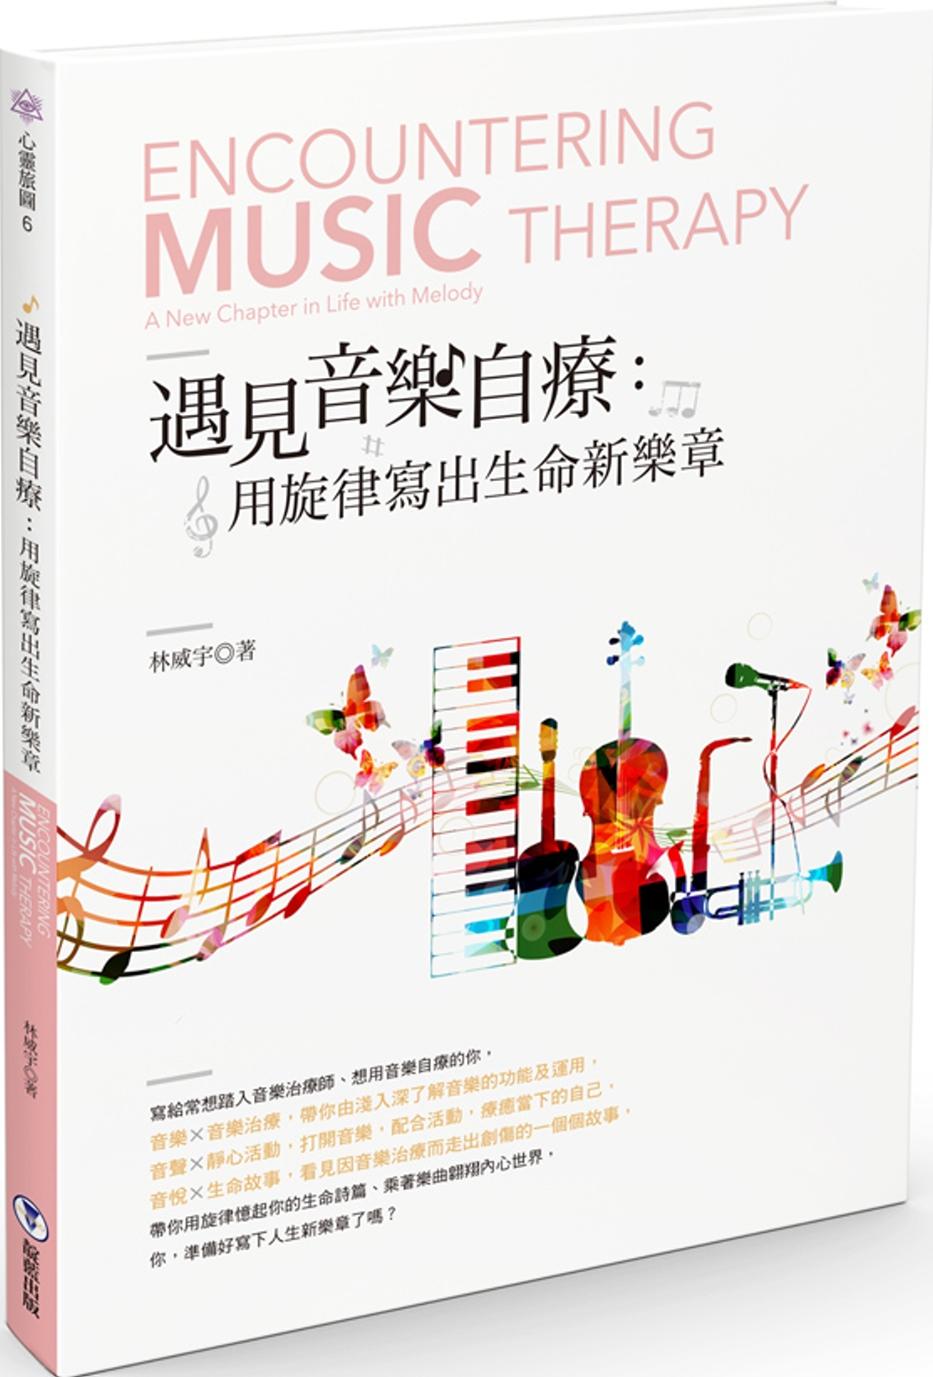 遇見音樂自療:用旋律寫出生命新...